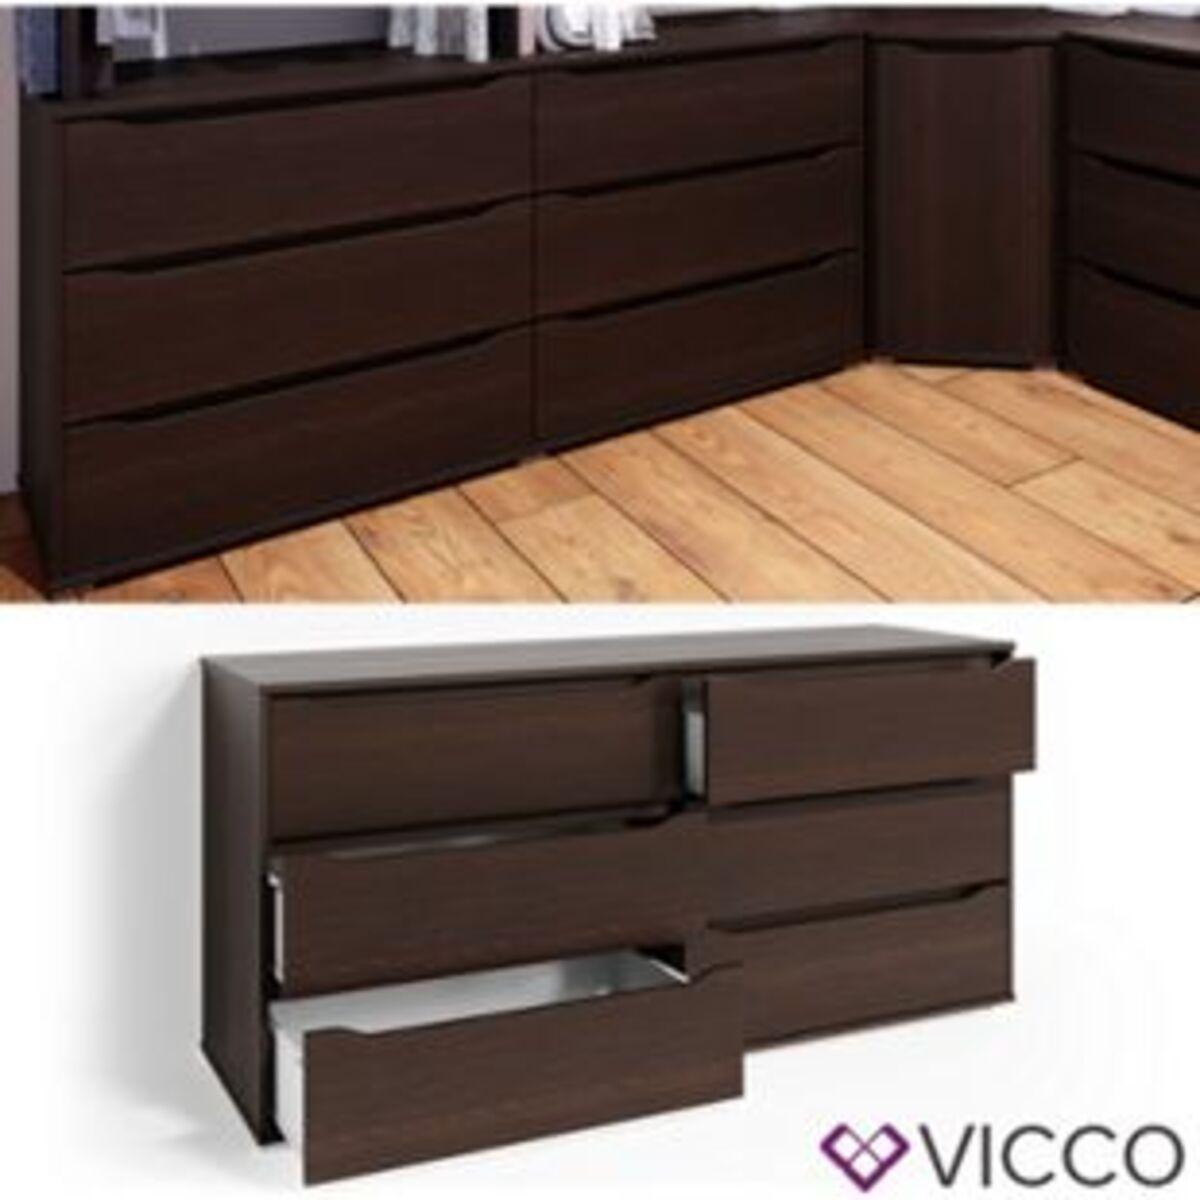 Bild 2 von VICCO Kommode RUBEN Wenge 6 Schubladen 160cm Sideboard Mehrzweckschrank Schrank